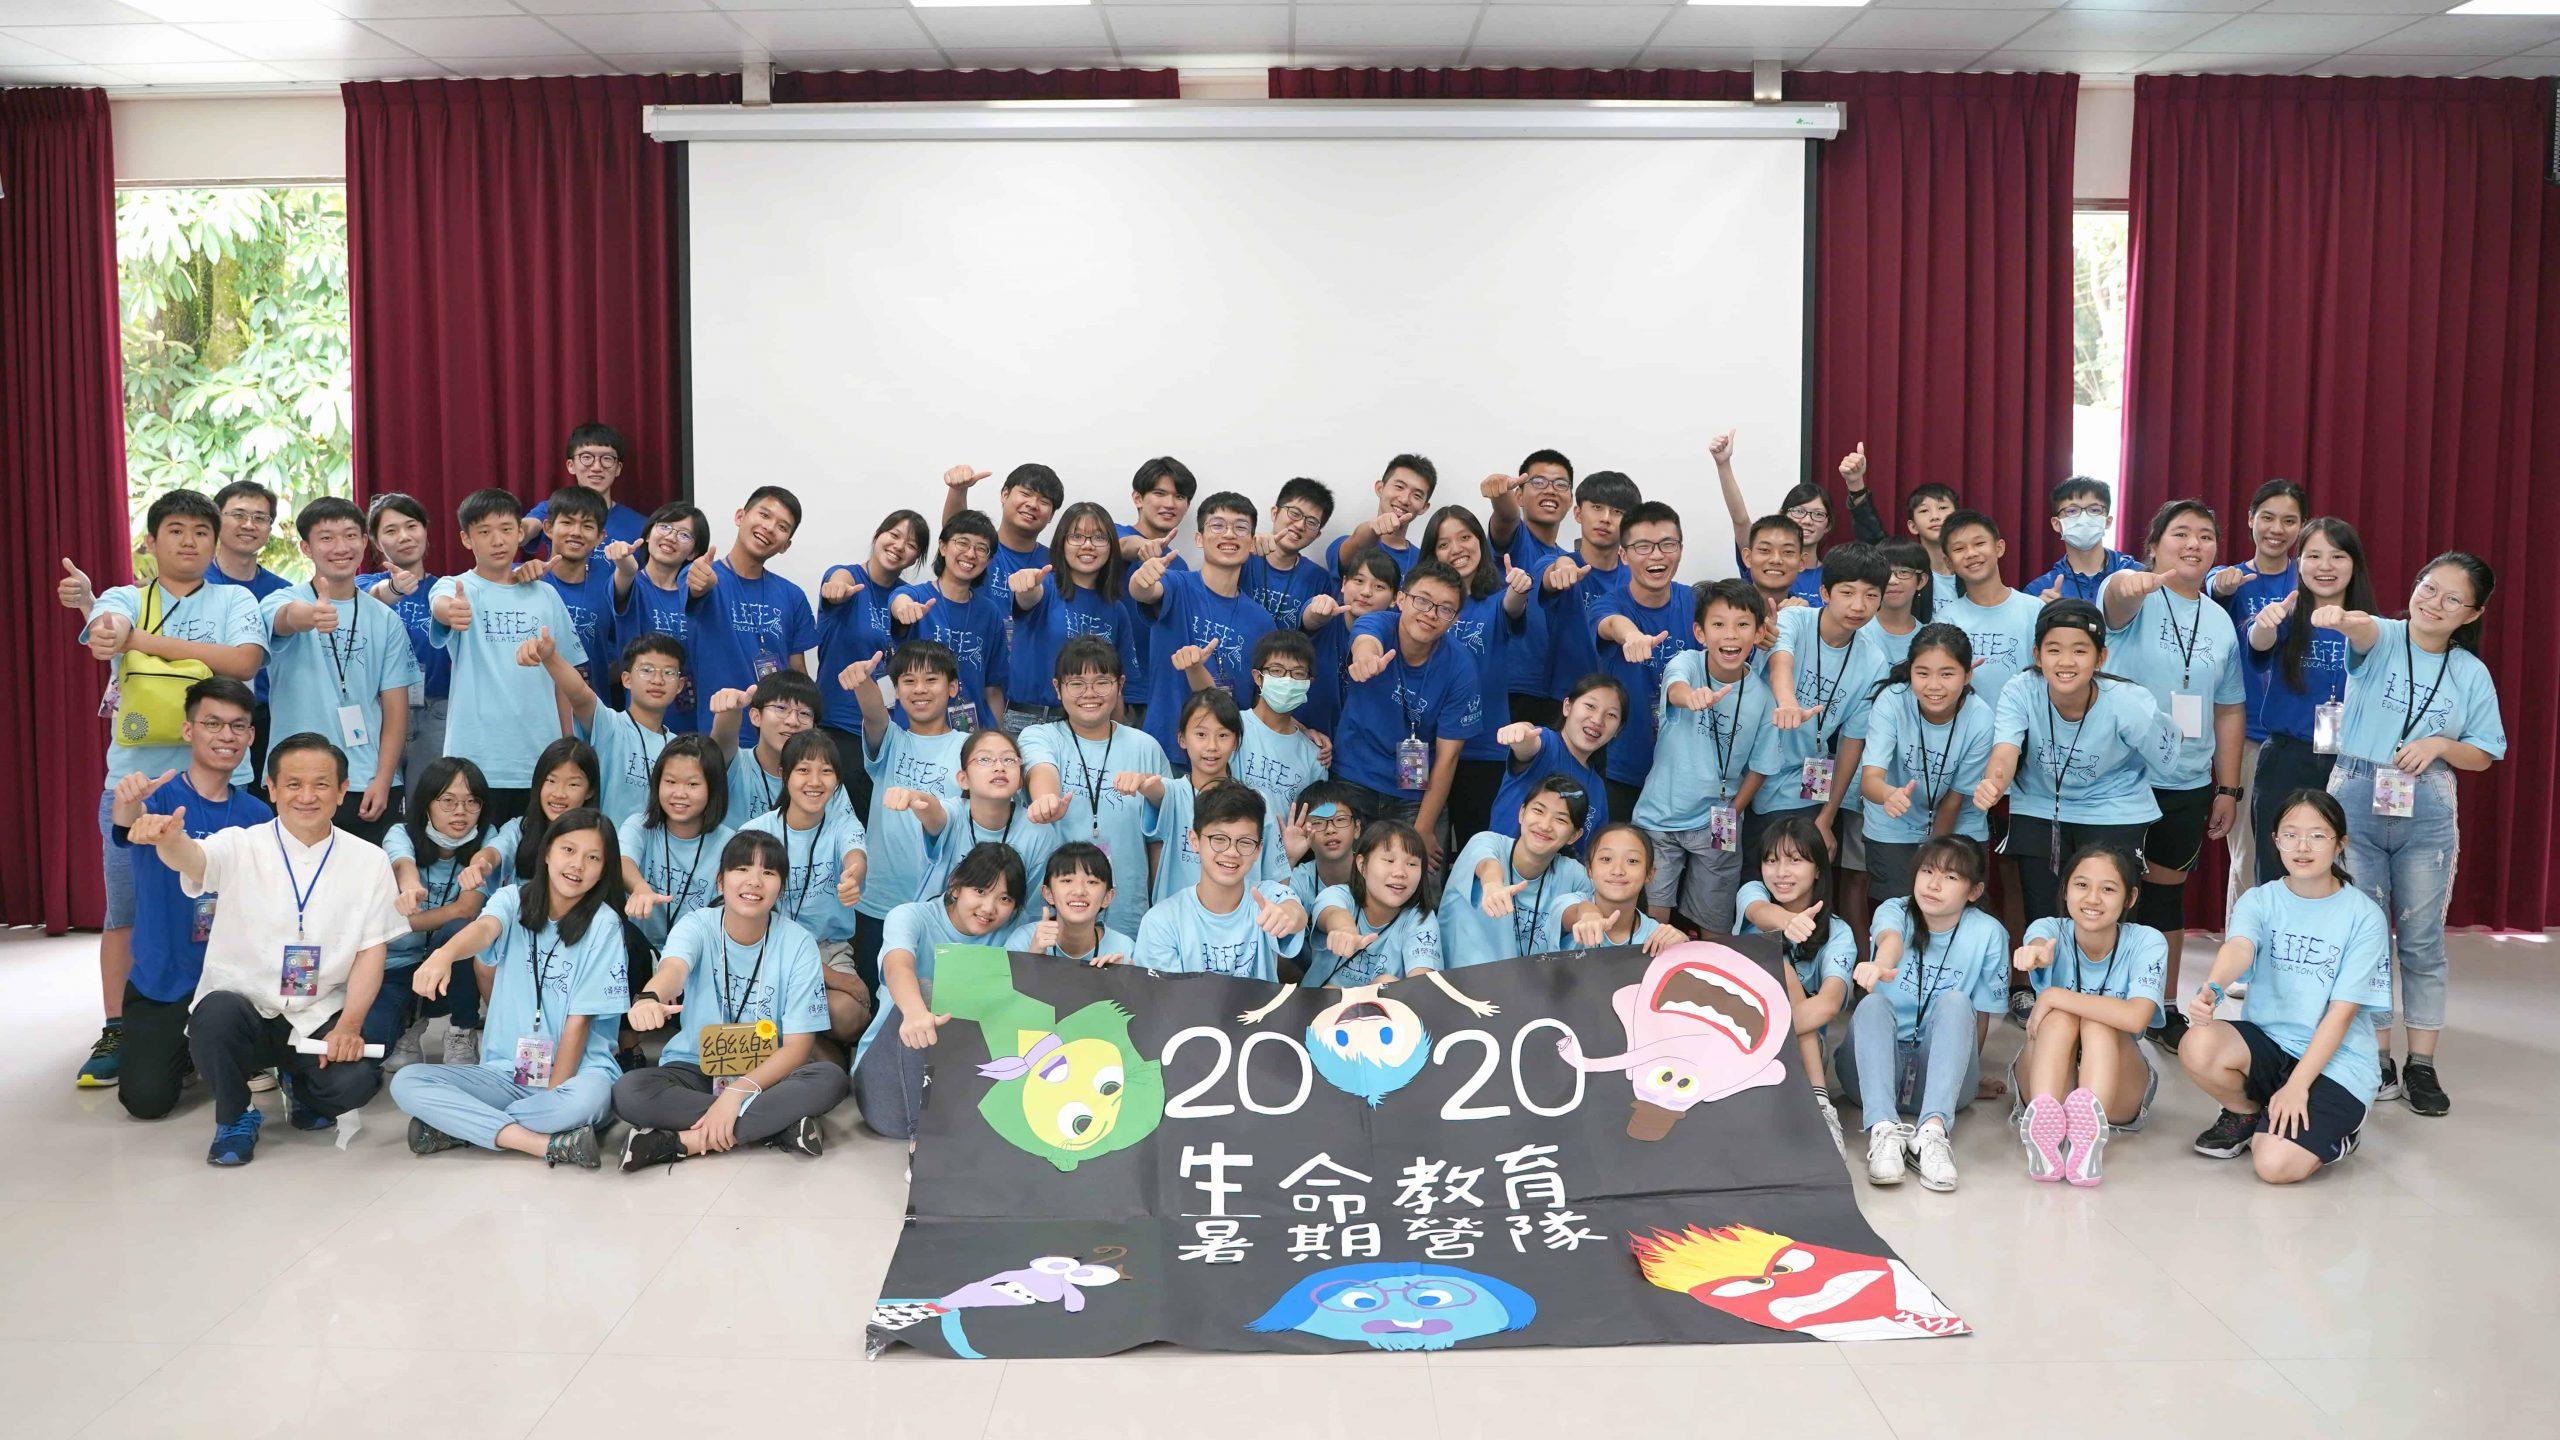 2020暑期營隊照片 (7)